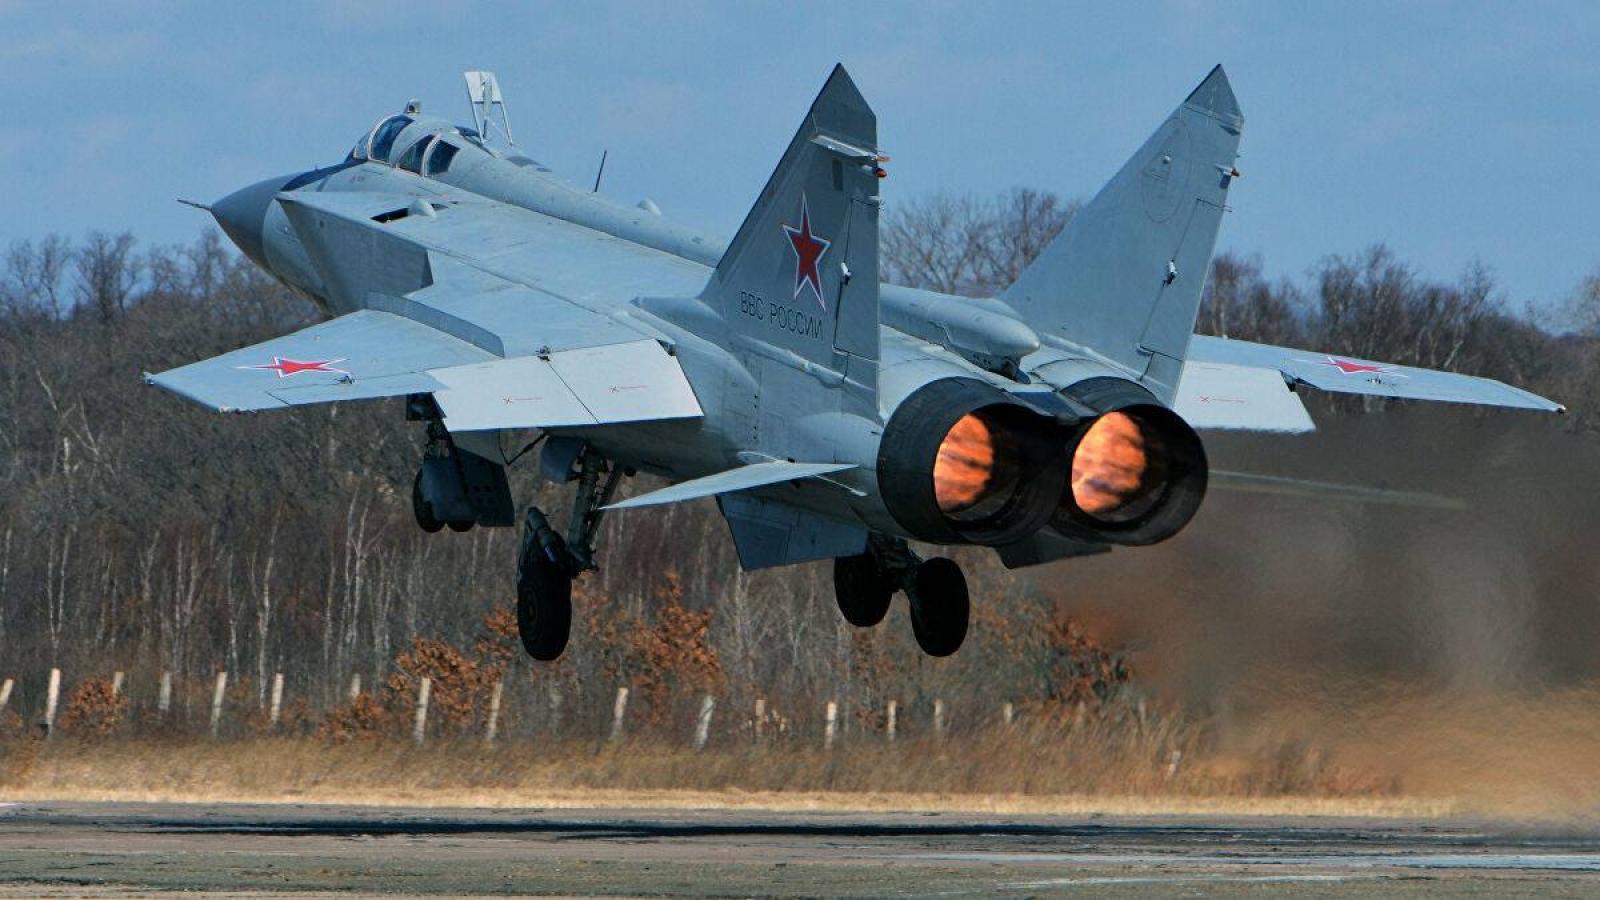 Tiêm kích MiG-31 của Nga chặn máy bay Anh và Mỹ trên biển Barents